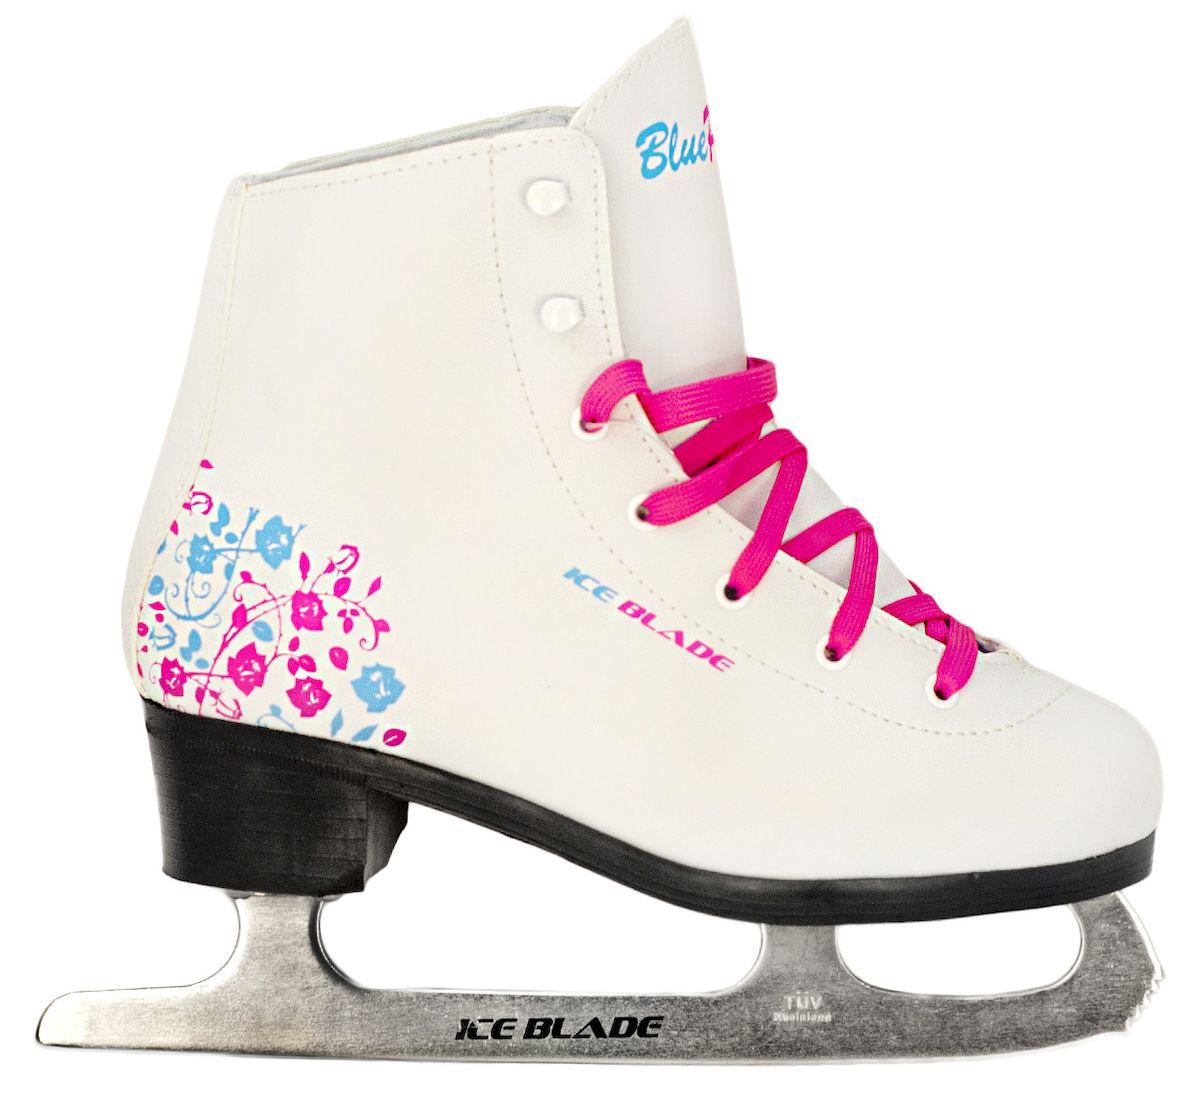 Коньки фигурные Ice Blade BluePink, цвет: белый, розовый, голубой. УТ-00006869. Размер 40PW-221Коньки фигурные Ice Blade BluePink предназначены для любительского фигурного катания. Яркий и нестандартный дизайн модели BluePink совмещает голубой и розовый цвет. Более того, в комплекте помимо розовых шнурков идет пара голубых, пусть каждая любительница катания на коньках выберет для себя, какой цвет ей больше по душе.Ботинок анатомической конструкции выполнен из высококачественной искусственной кожи, покрытой полиуретаном, защищающим от влаги. Внутренняя набивка из специального материала, комфортно адаптирующегося к форме ноги. Внутренняя отделка из мягкого вельвета.Лезвия изготовлены из высокоуглеродистой стали, сертифицированной TUV Rheiland. Коньки поставляются с заводской заточкой лезвия, что позволяет сразу приступить к катанию, не тратя время и денег на заточку. Коньки подходят для использования на открытом и закрытом льду.